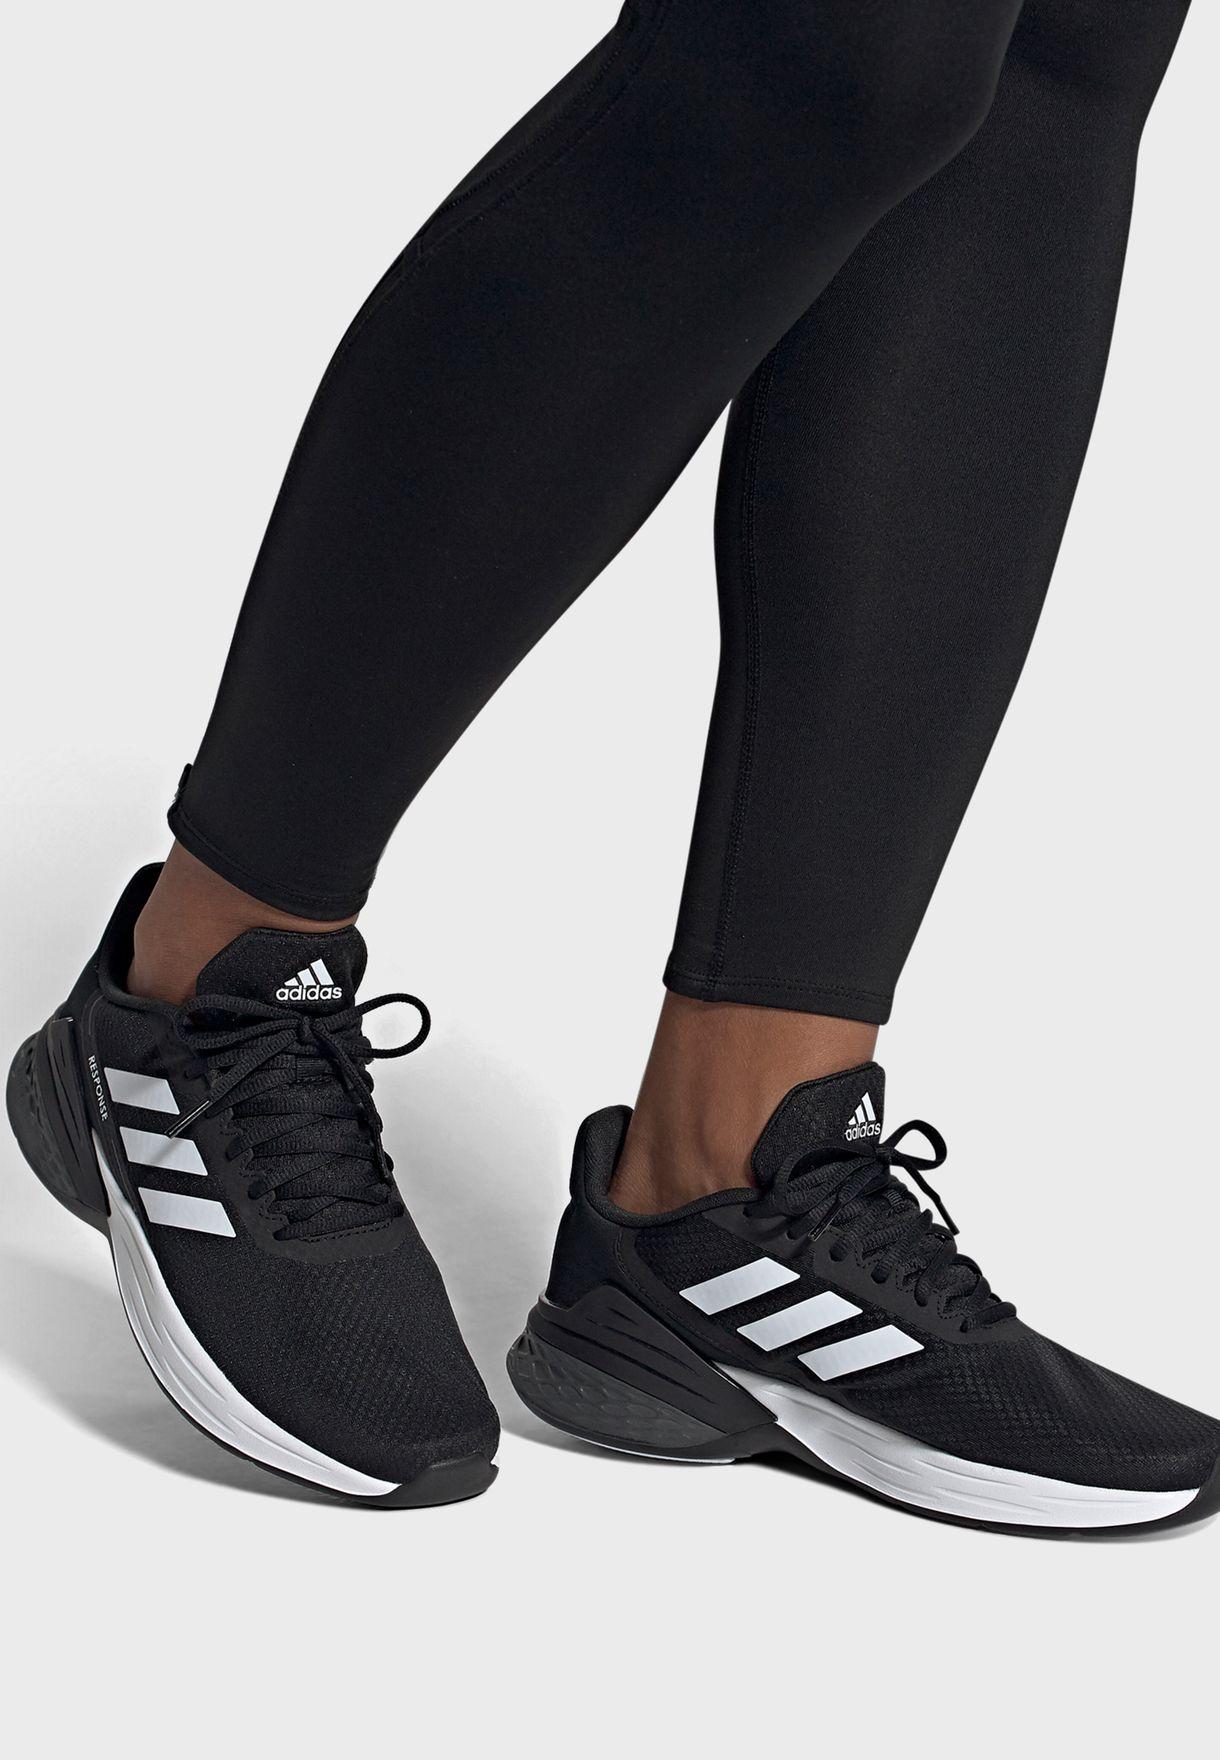 حذاء ريسبانس اس ار